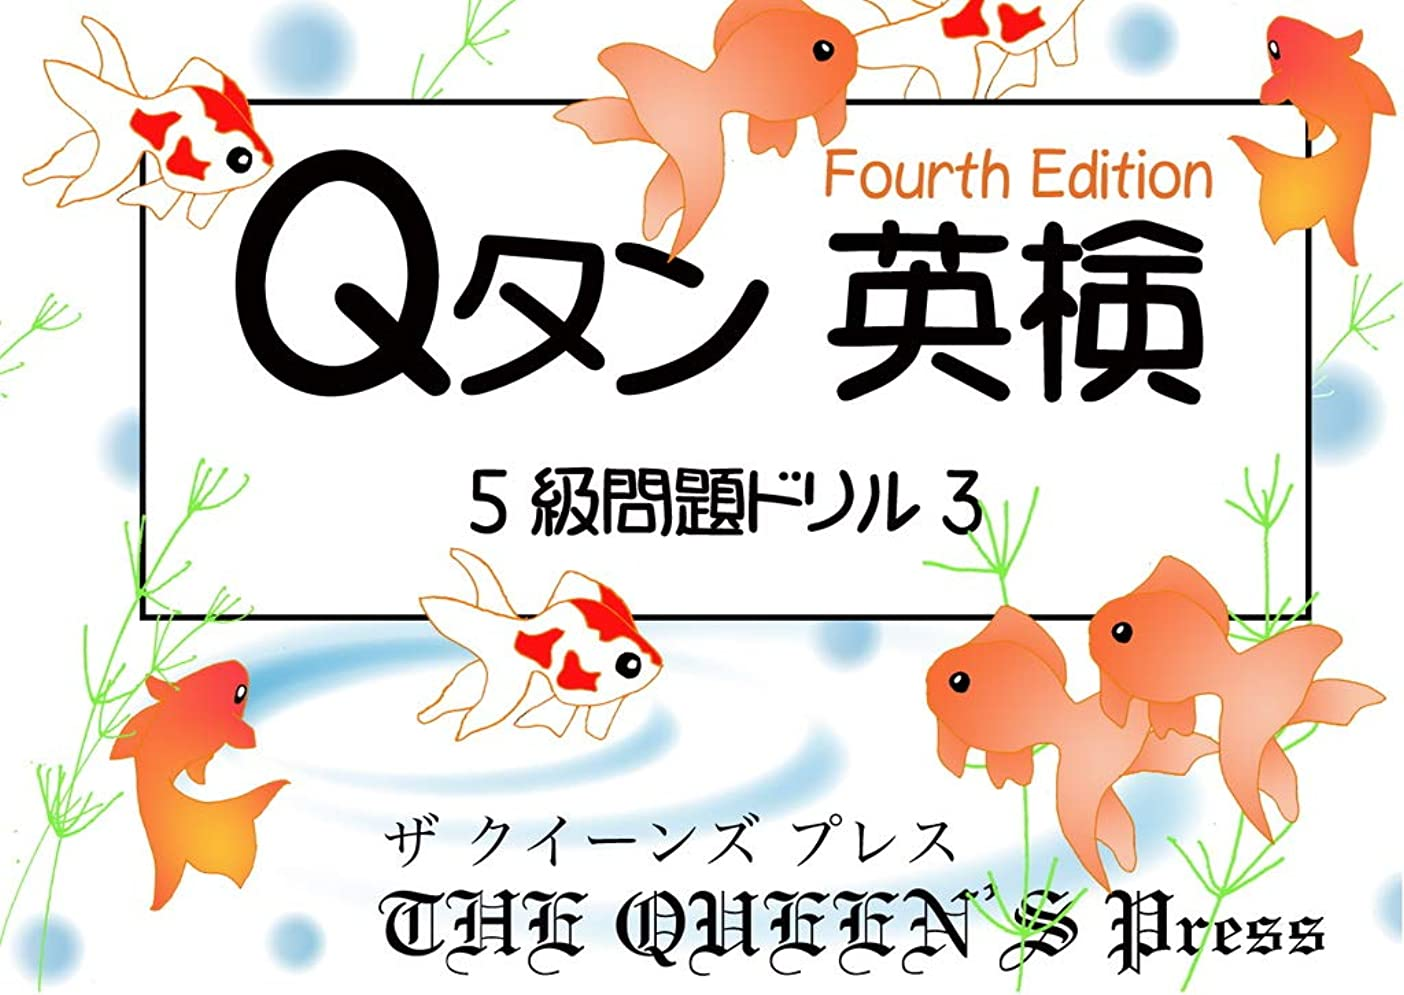 法令判決瞑想的Qタン 英検5級 問題ドリル3 ;4th edition